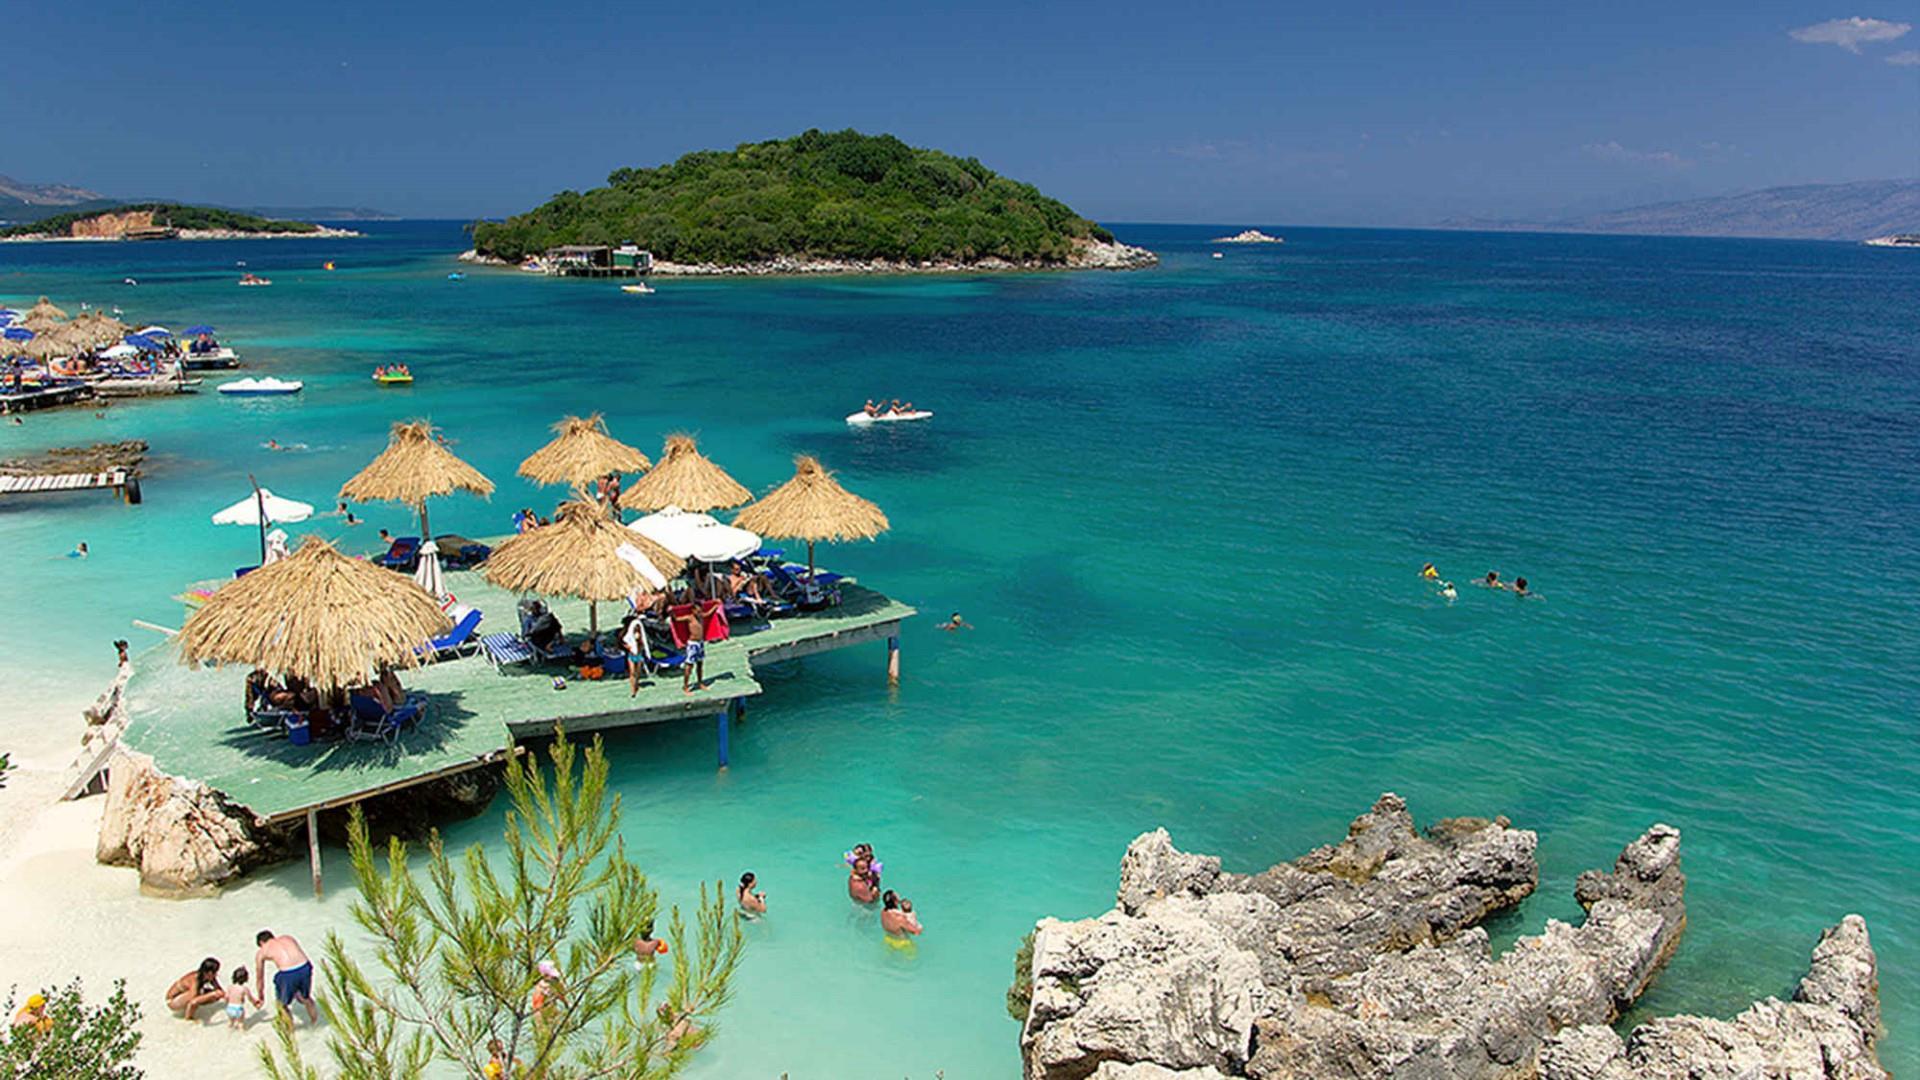 Albanian Riviera - Ksamil wallpaper